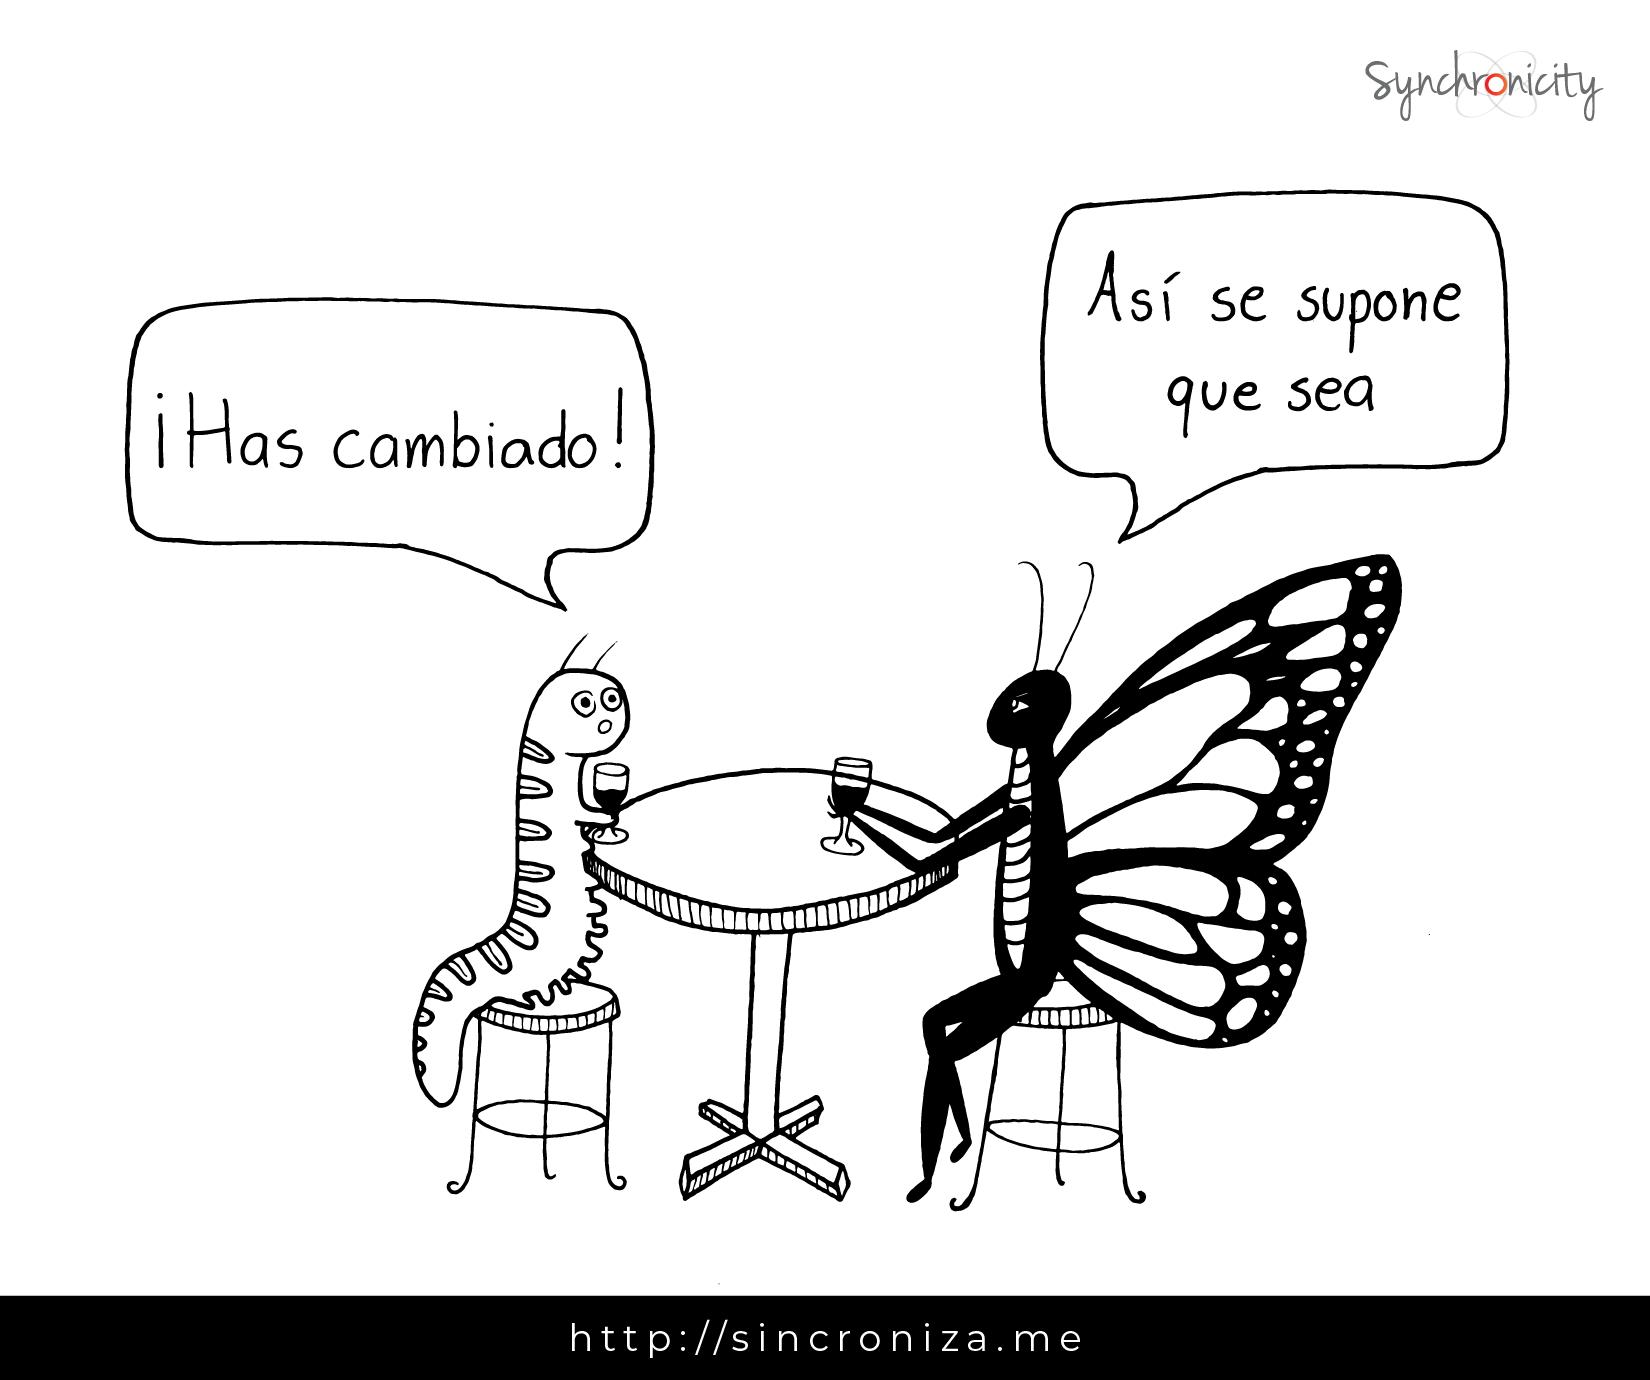 Caricatura – ¡Has cambiado!